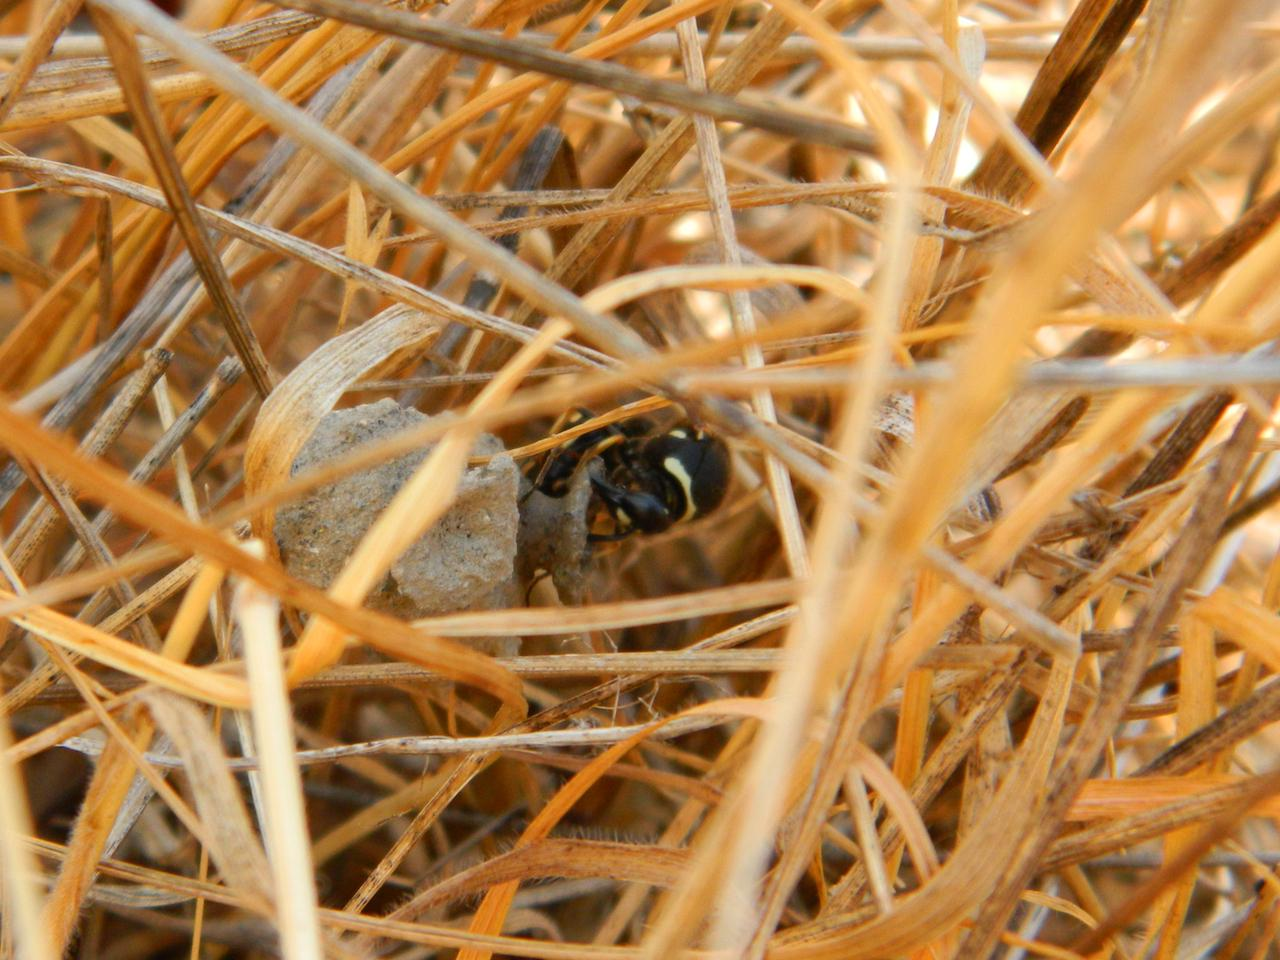 Potter wasp mama finishing her nest